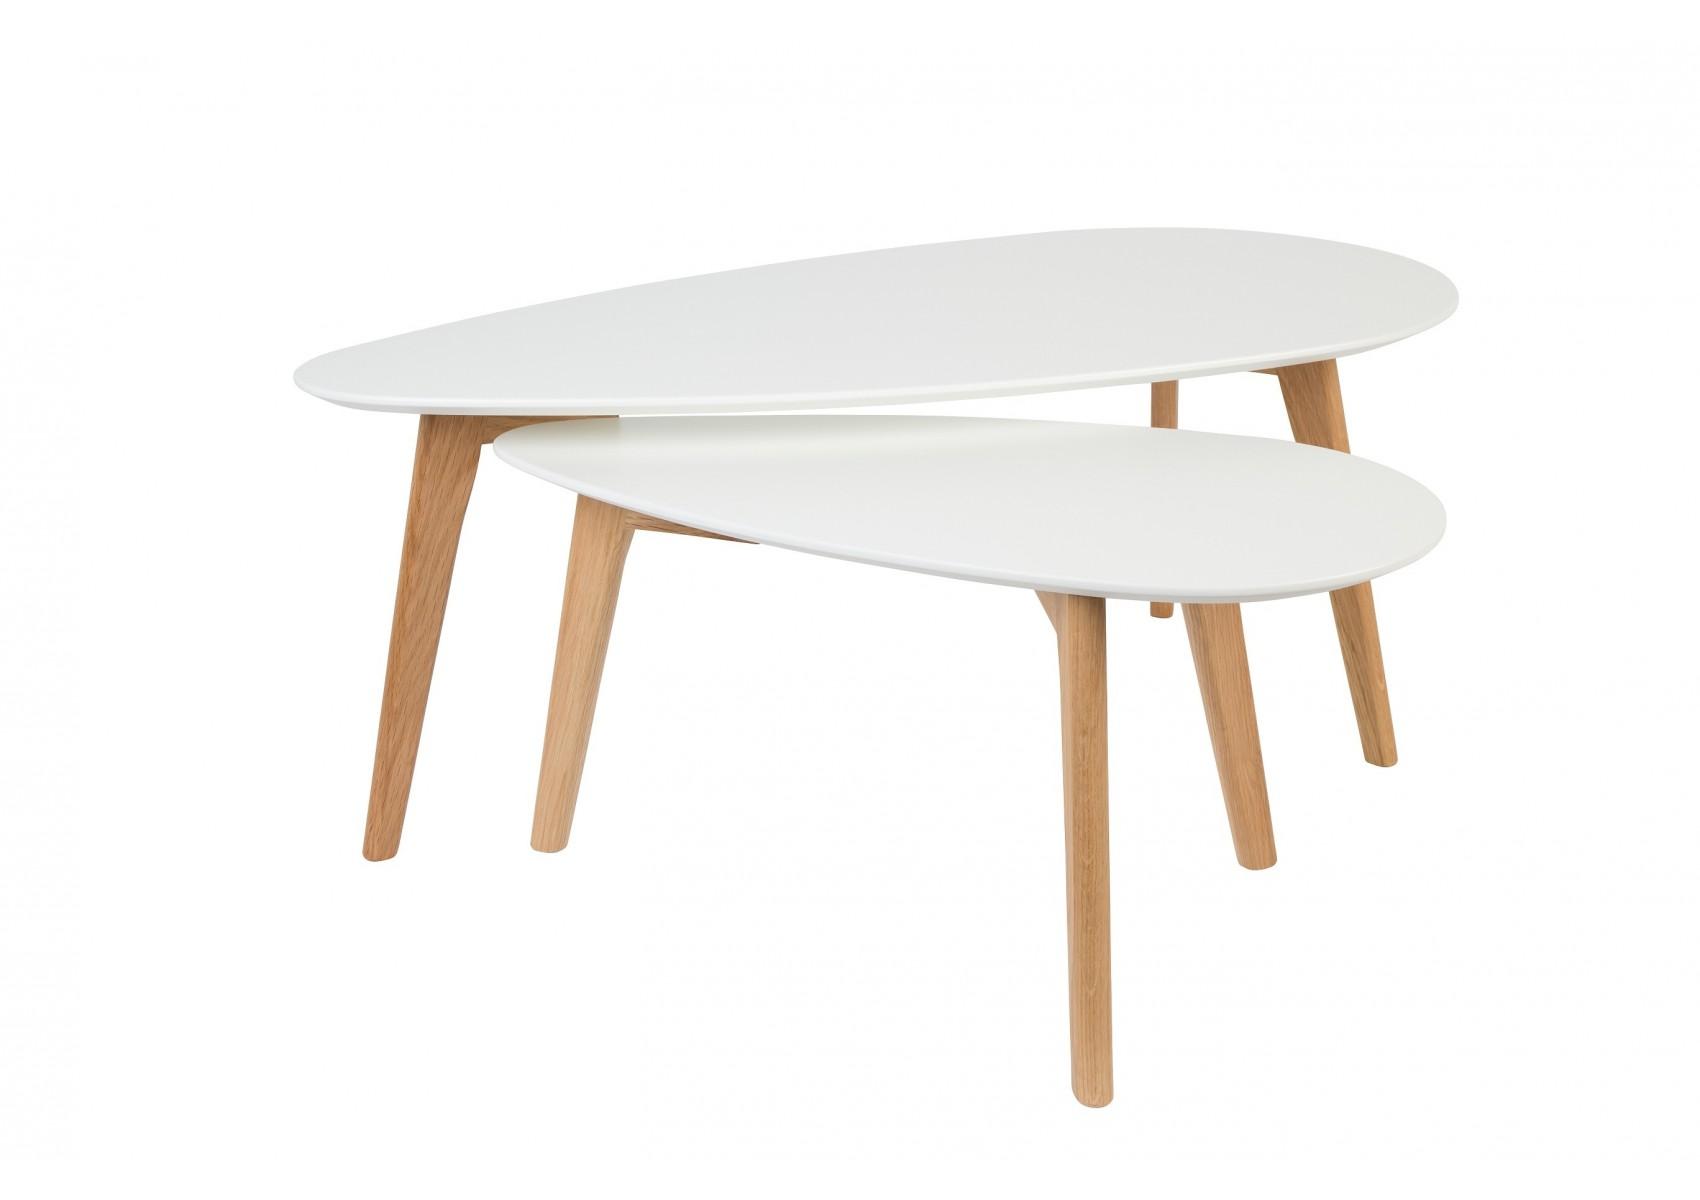 0234255898237 Tables basses scandinave DROP laquée blanche - set de 2 ...